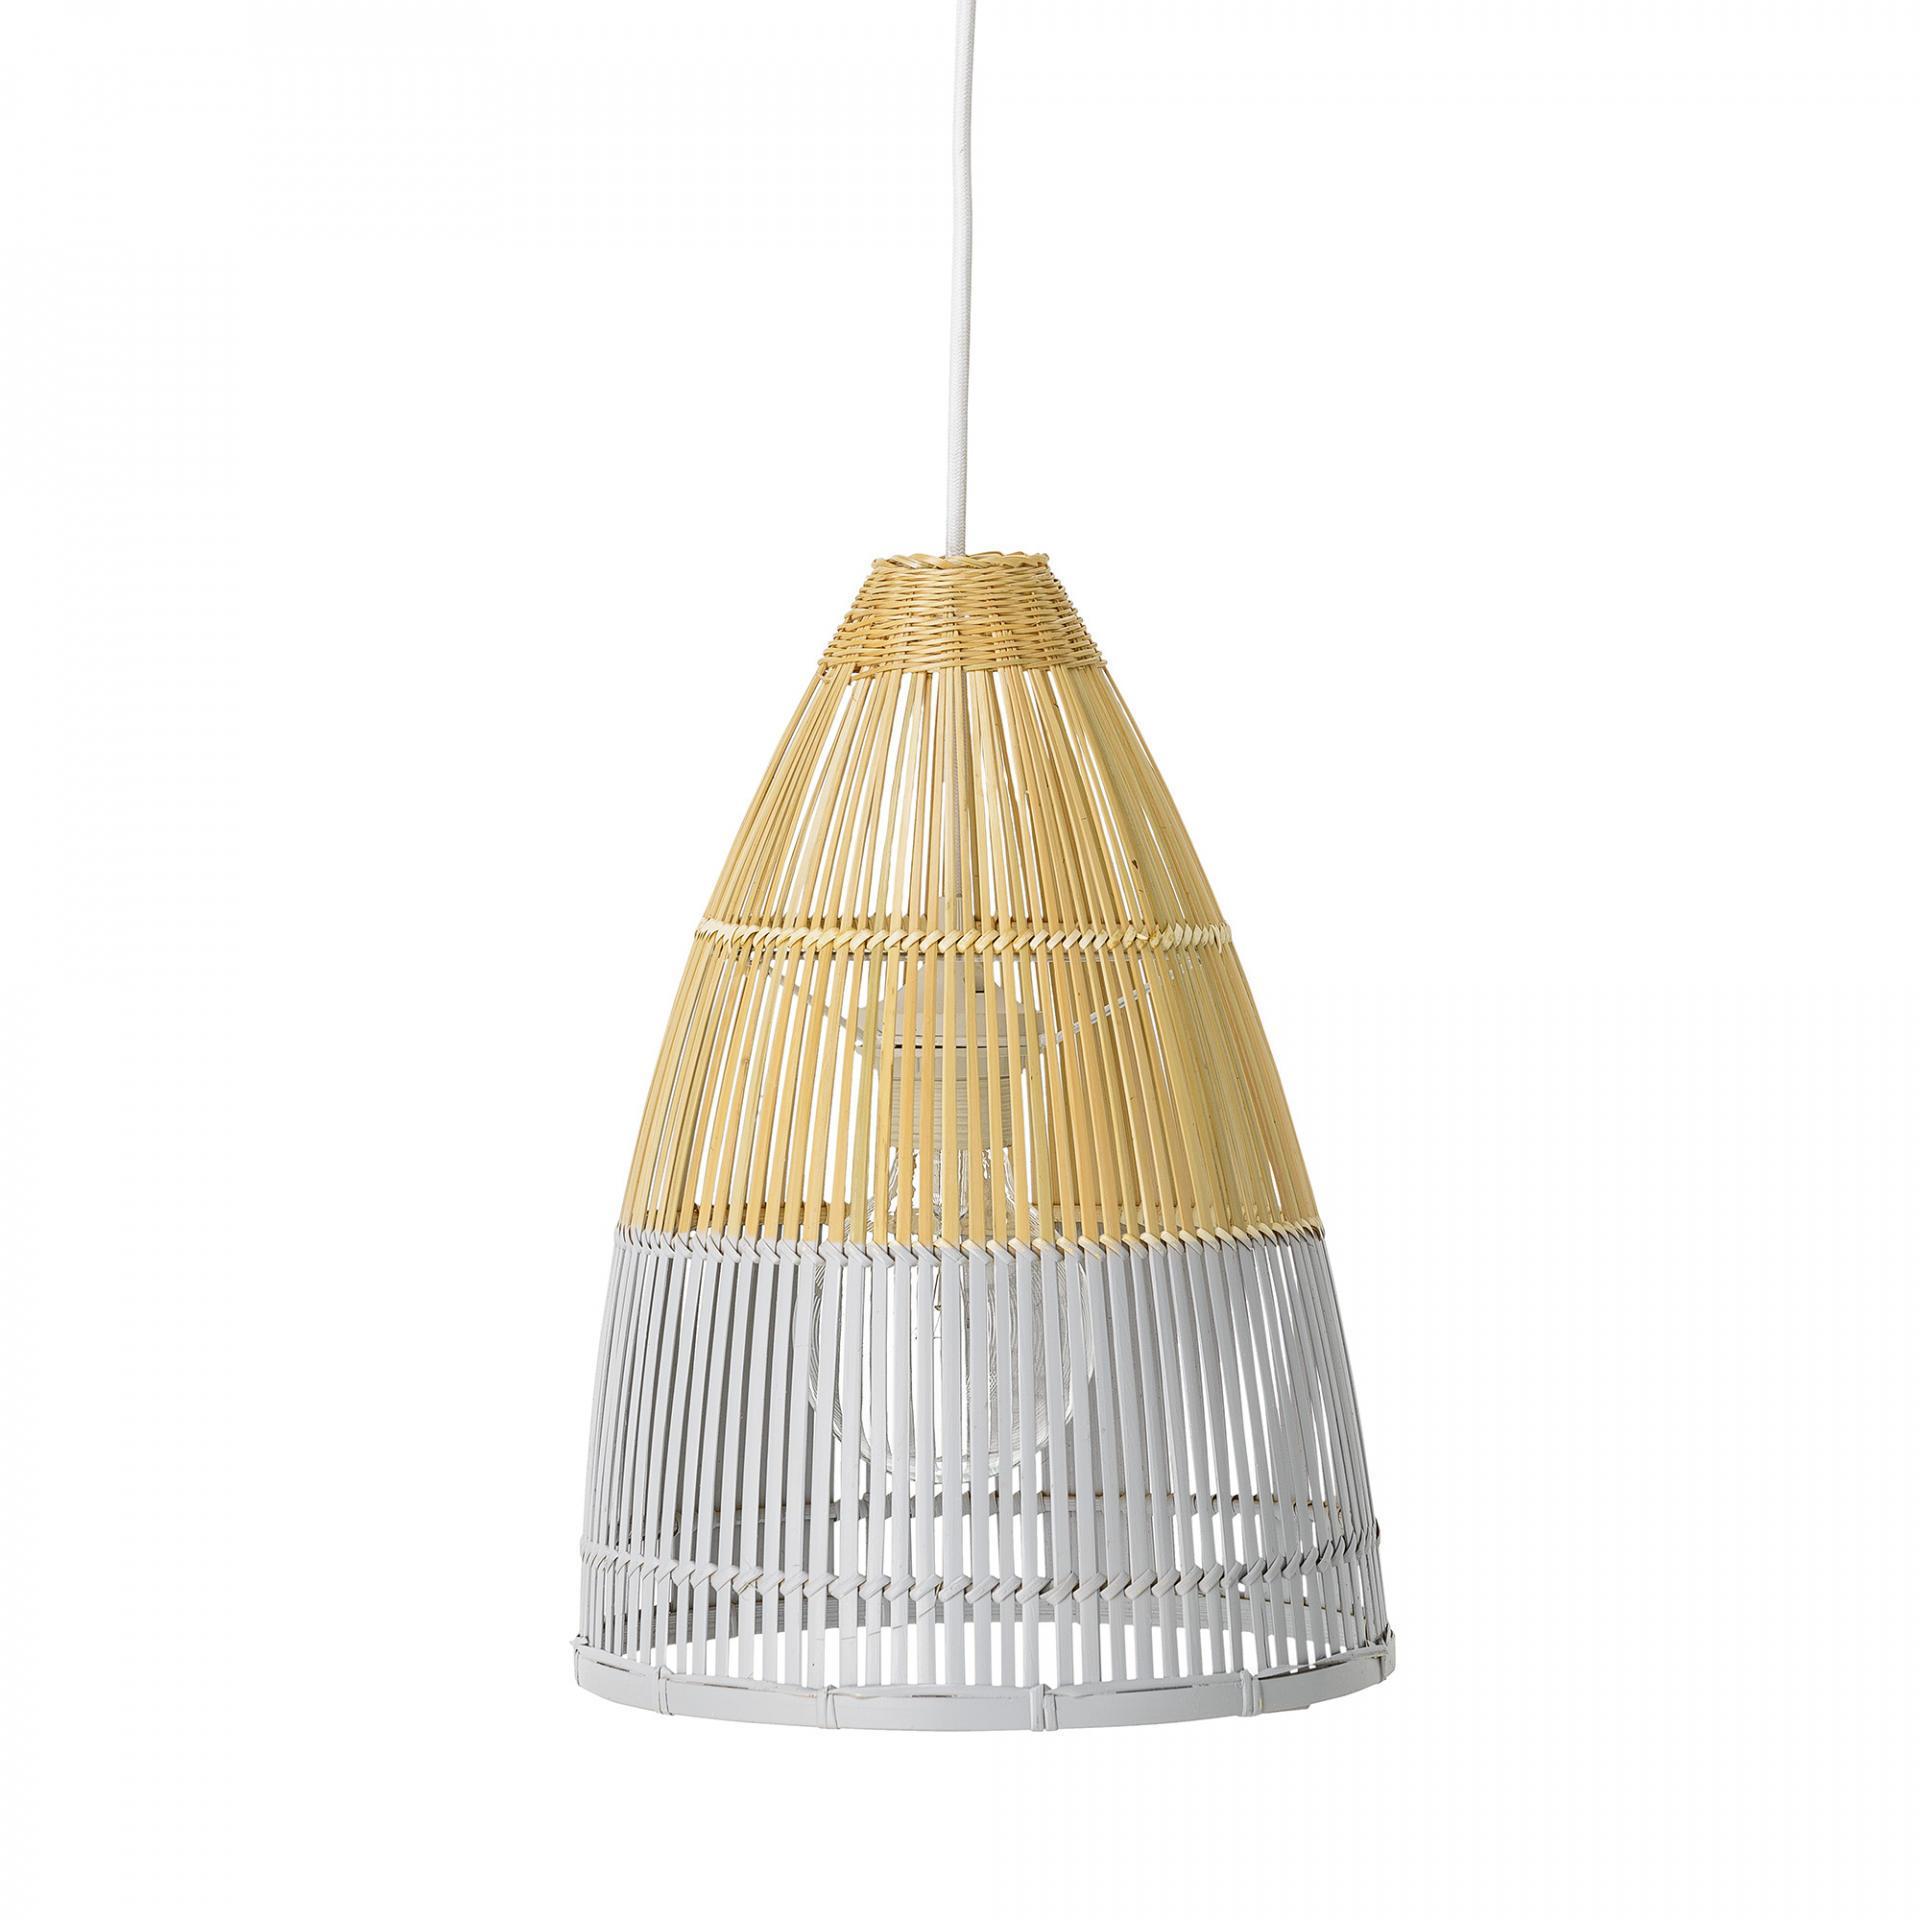 Bloomingville Závěsná bambusová lampa Nature/Cool grey, šedá barva, proutí